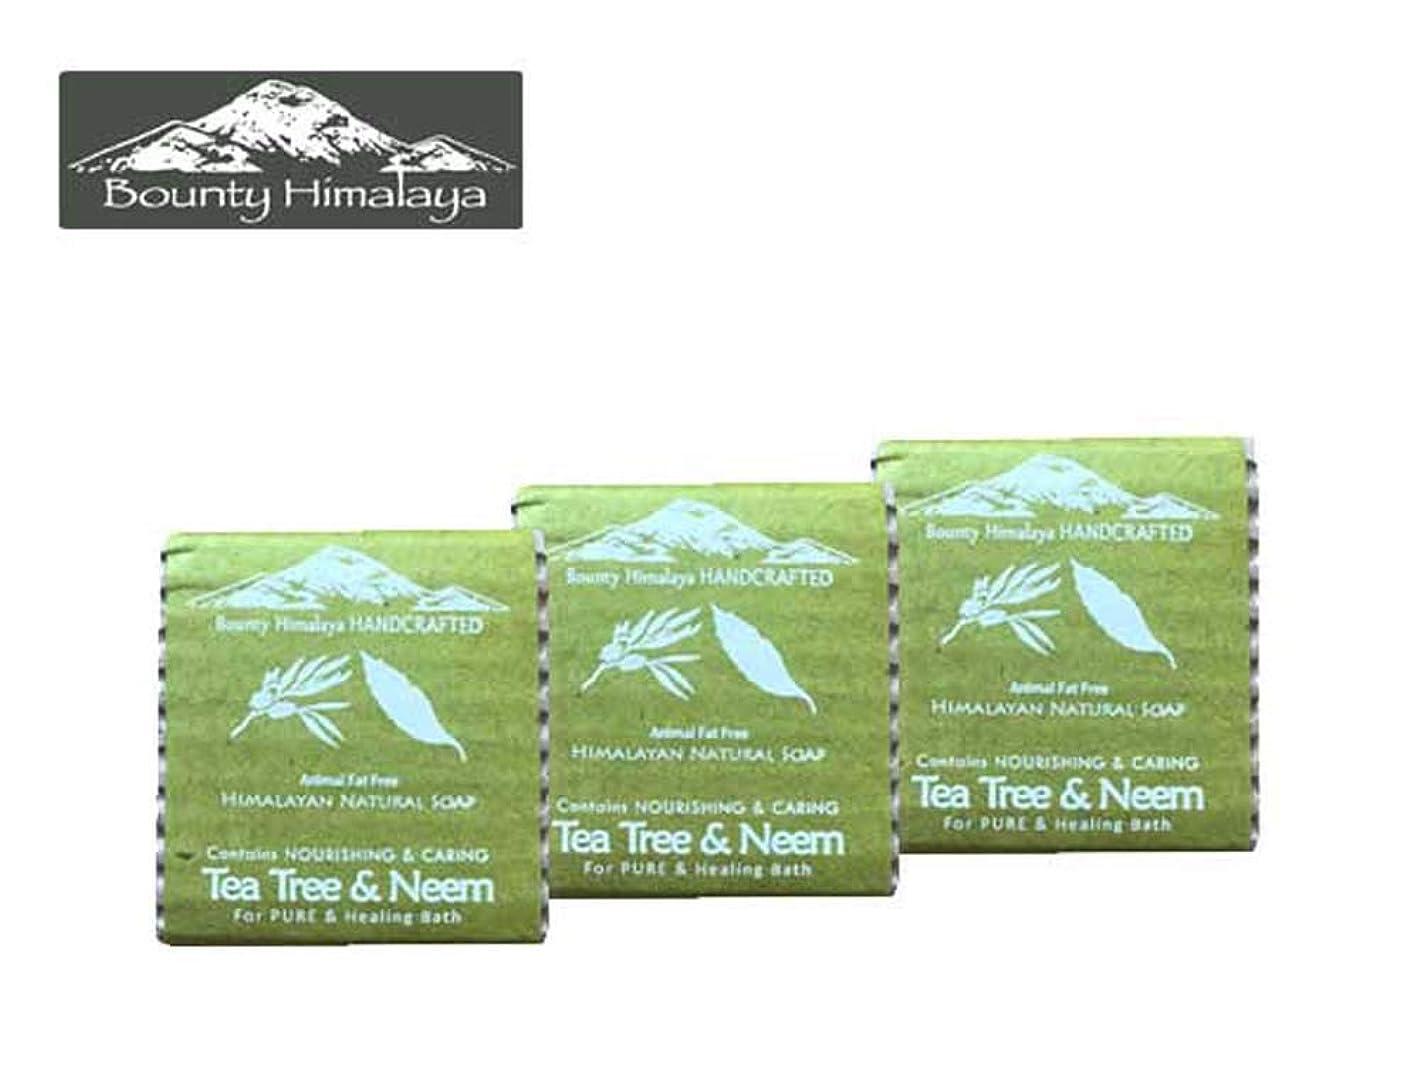 そのようなペナルティワゴンアーユルヴェーダ ヒマラヤ ティーツリー?ニーム ソープ3セット Bounty Himalaya Tea Tree & Neem SOAP(NEPAL AYURVEDA) 100g